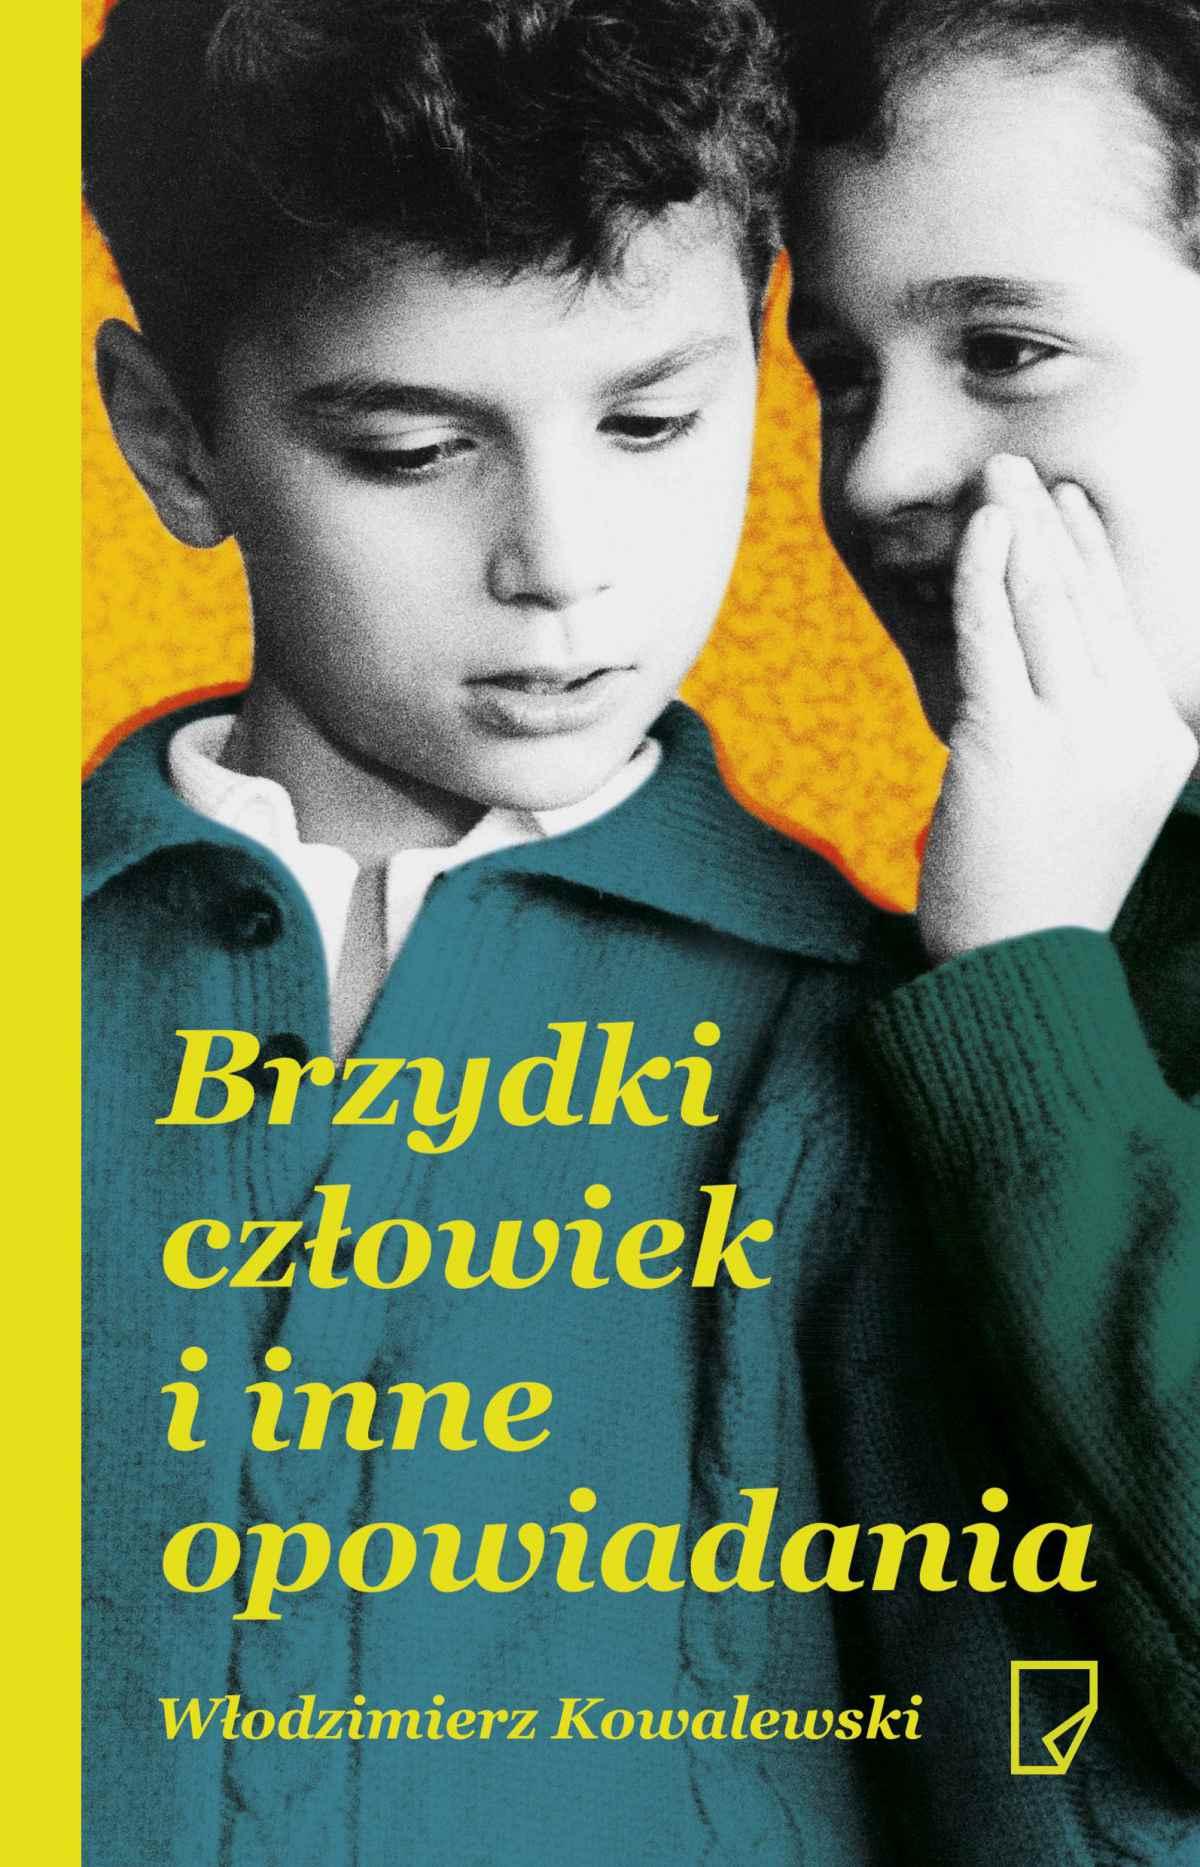 Brzydki człowiek i inne opowiadania - Ebook (Książka EPUB) do pobrania w formacie EPUB